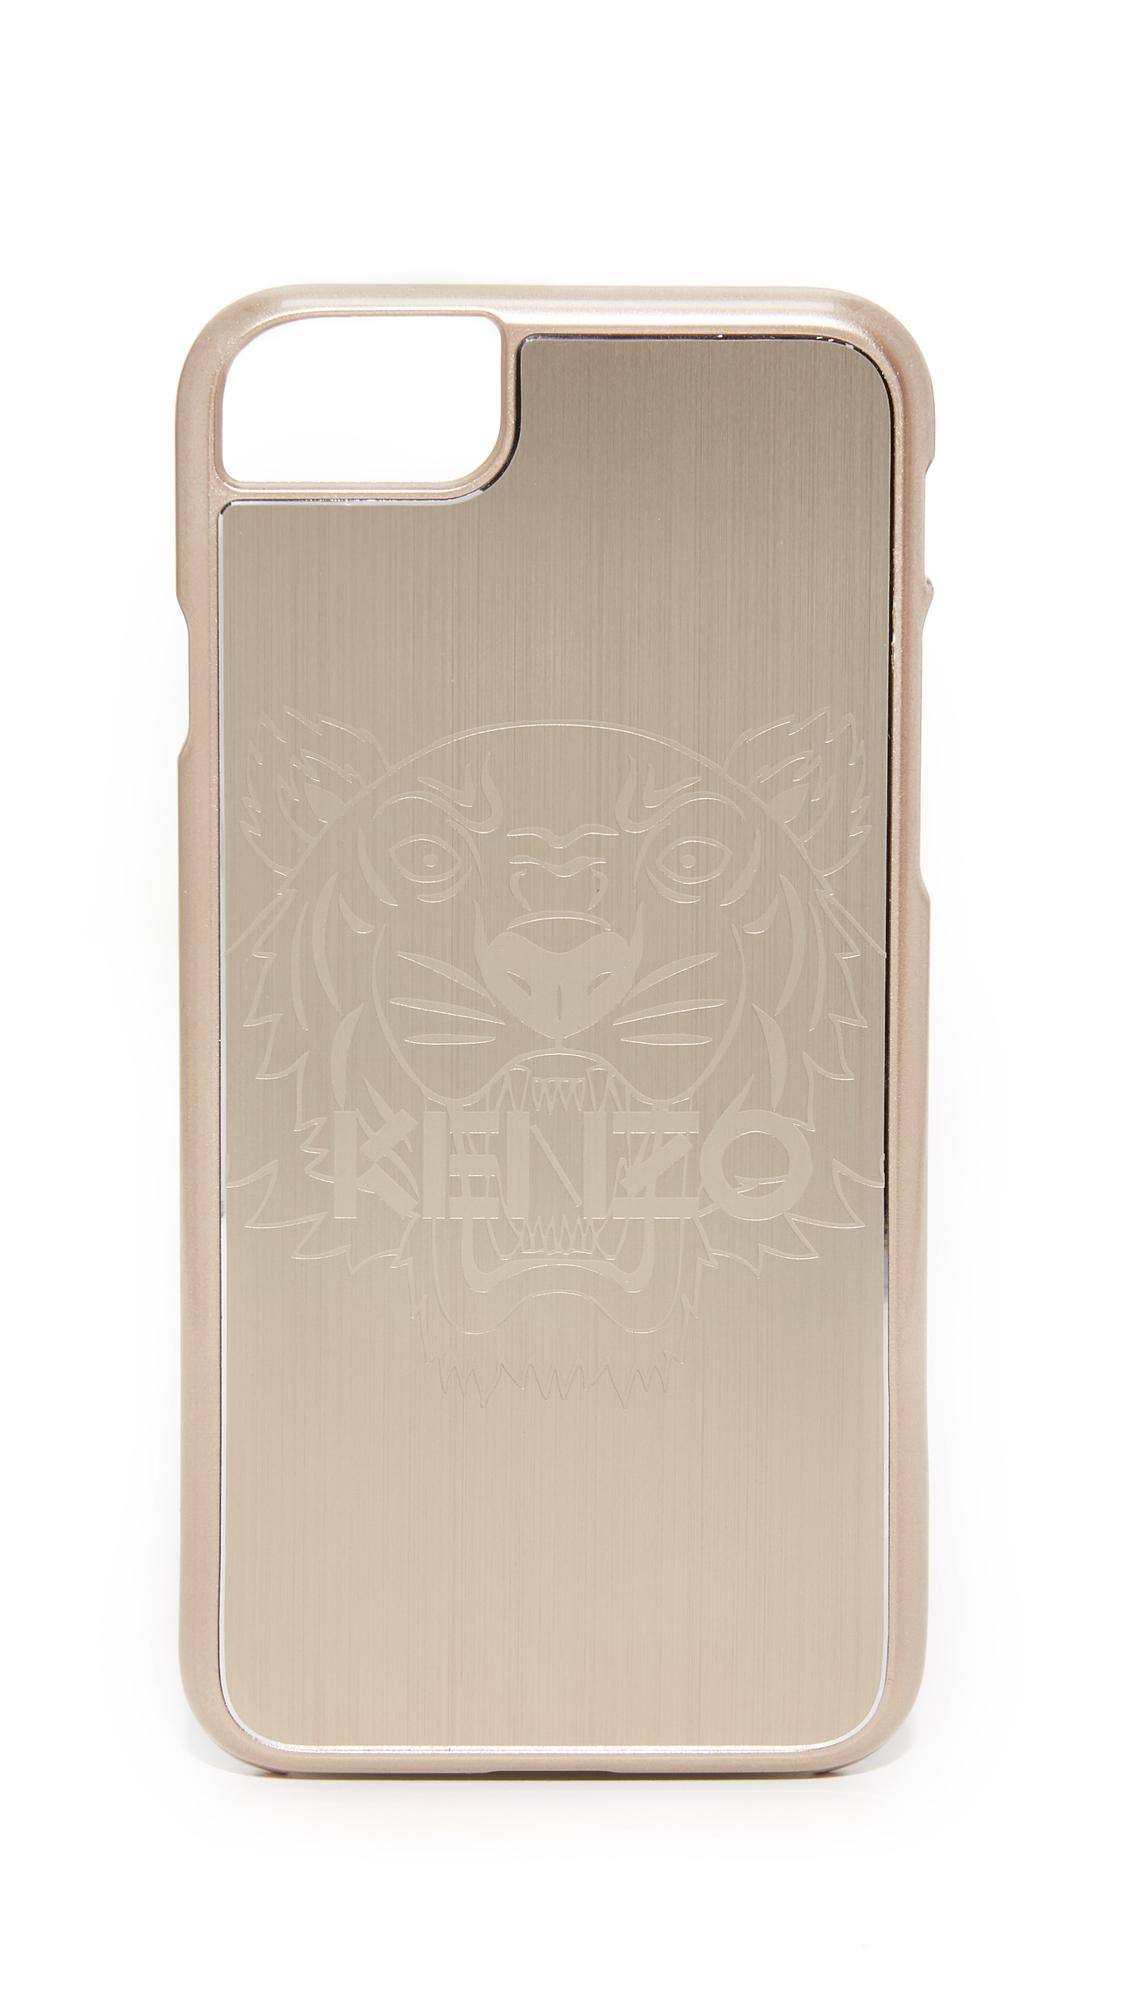 Kenzo Metallic Tiger Head Iphone 7 Case In Gold